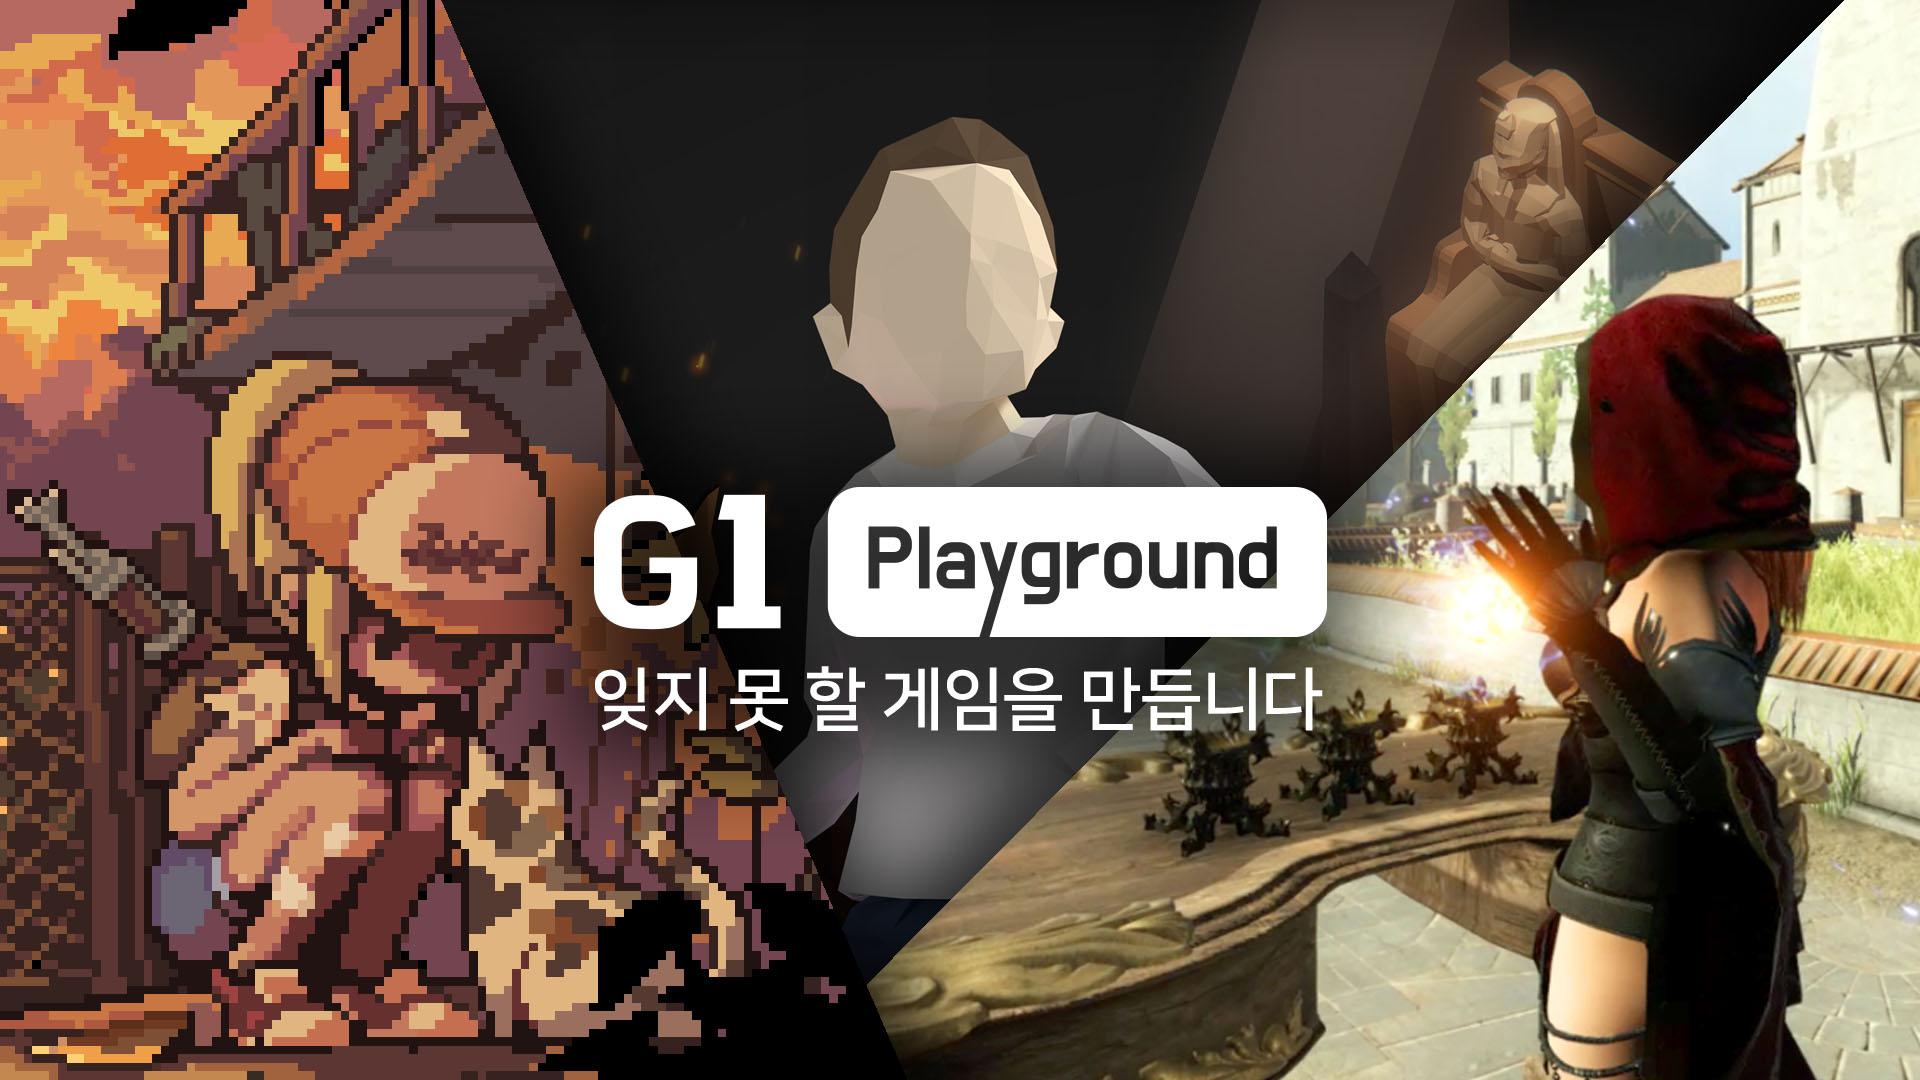 지원플레이그라운드 개발 게임